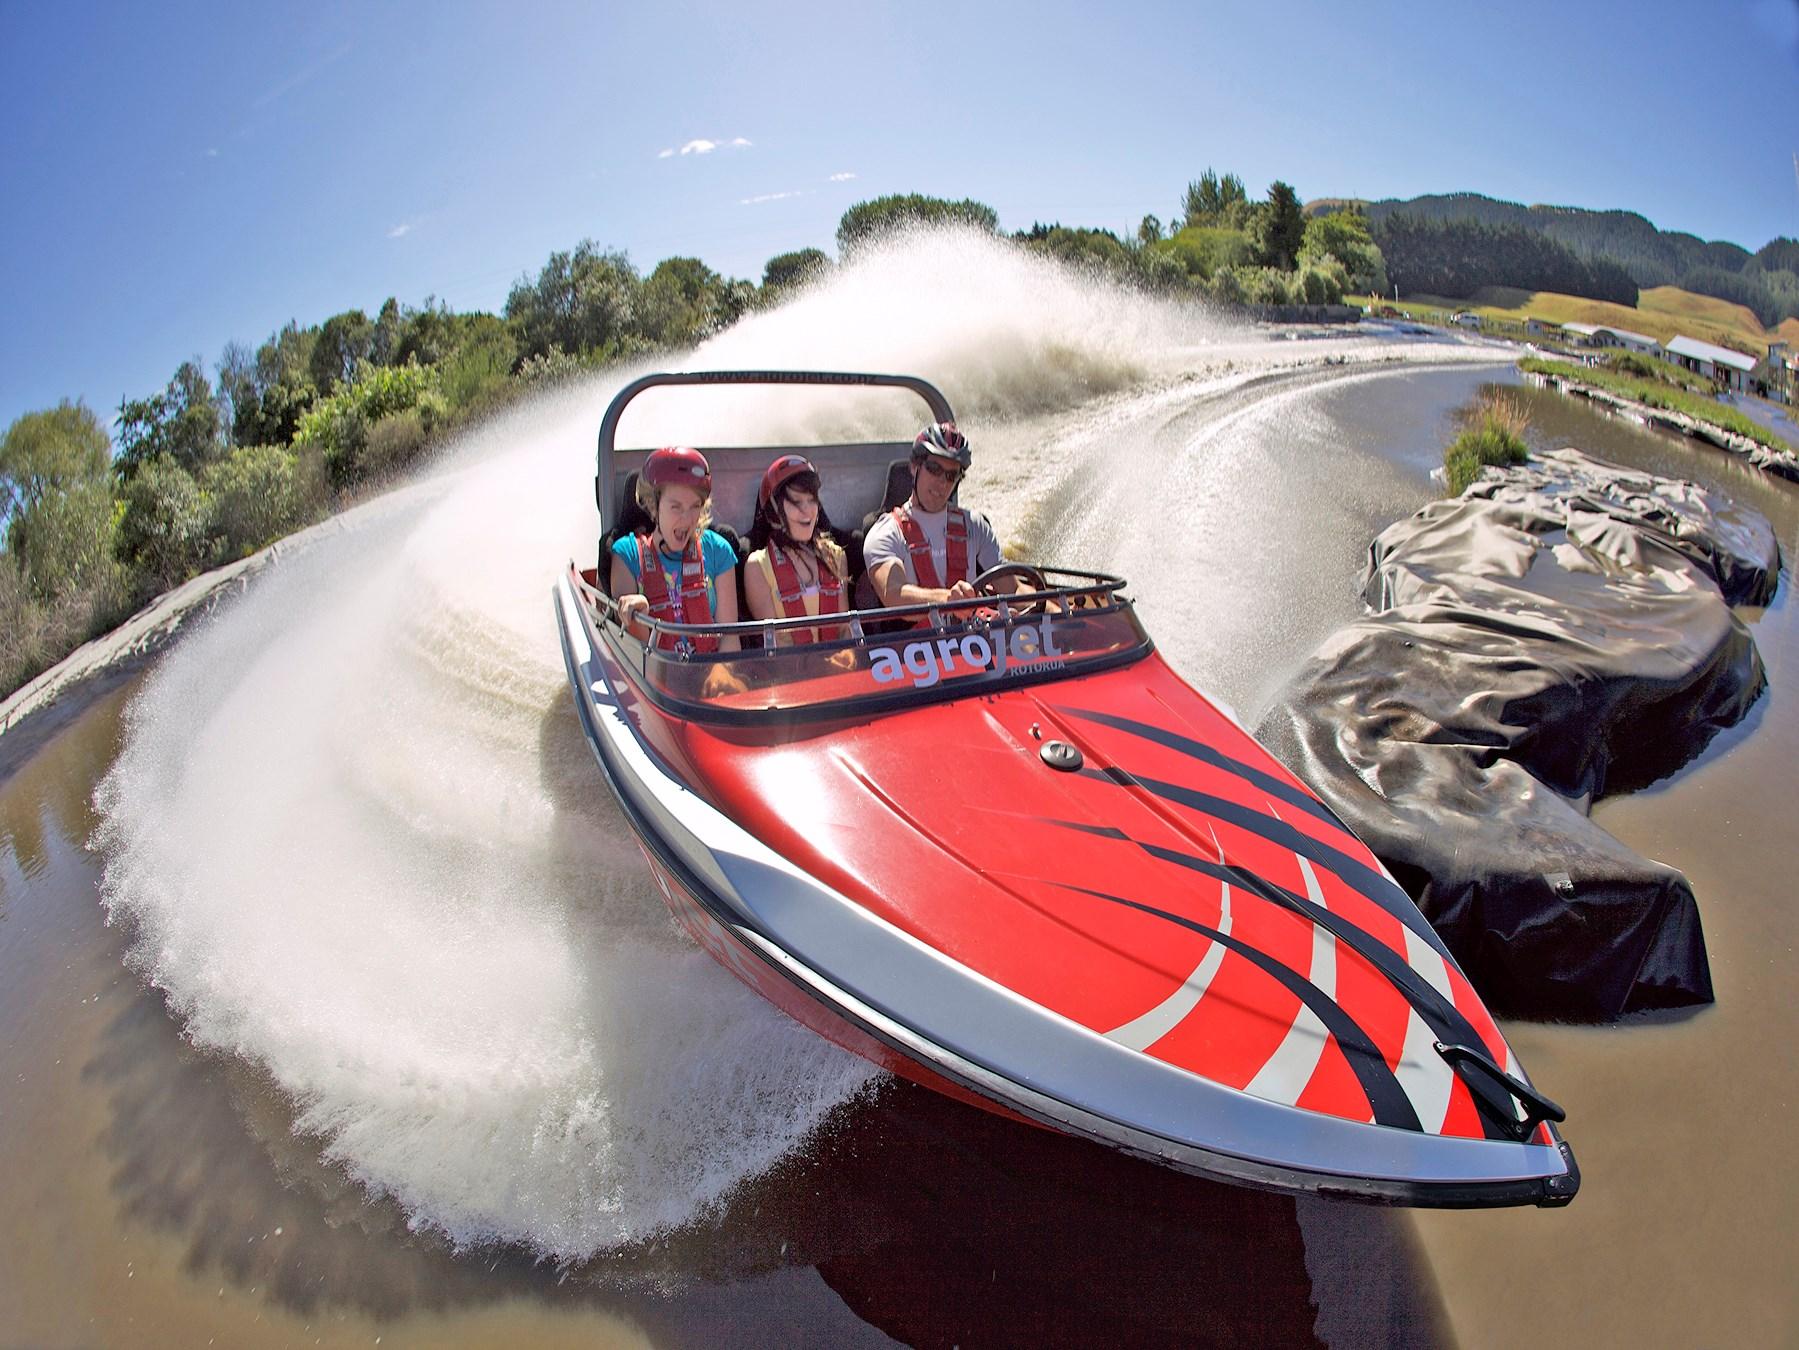 Công viên Velocity Valley - Thẻ vui chơi Gia đình